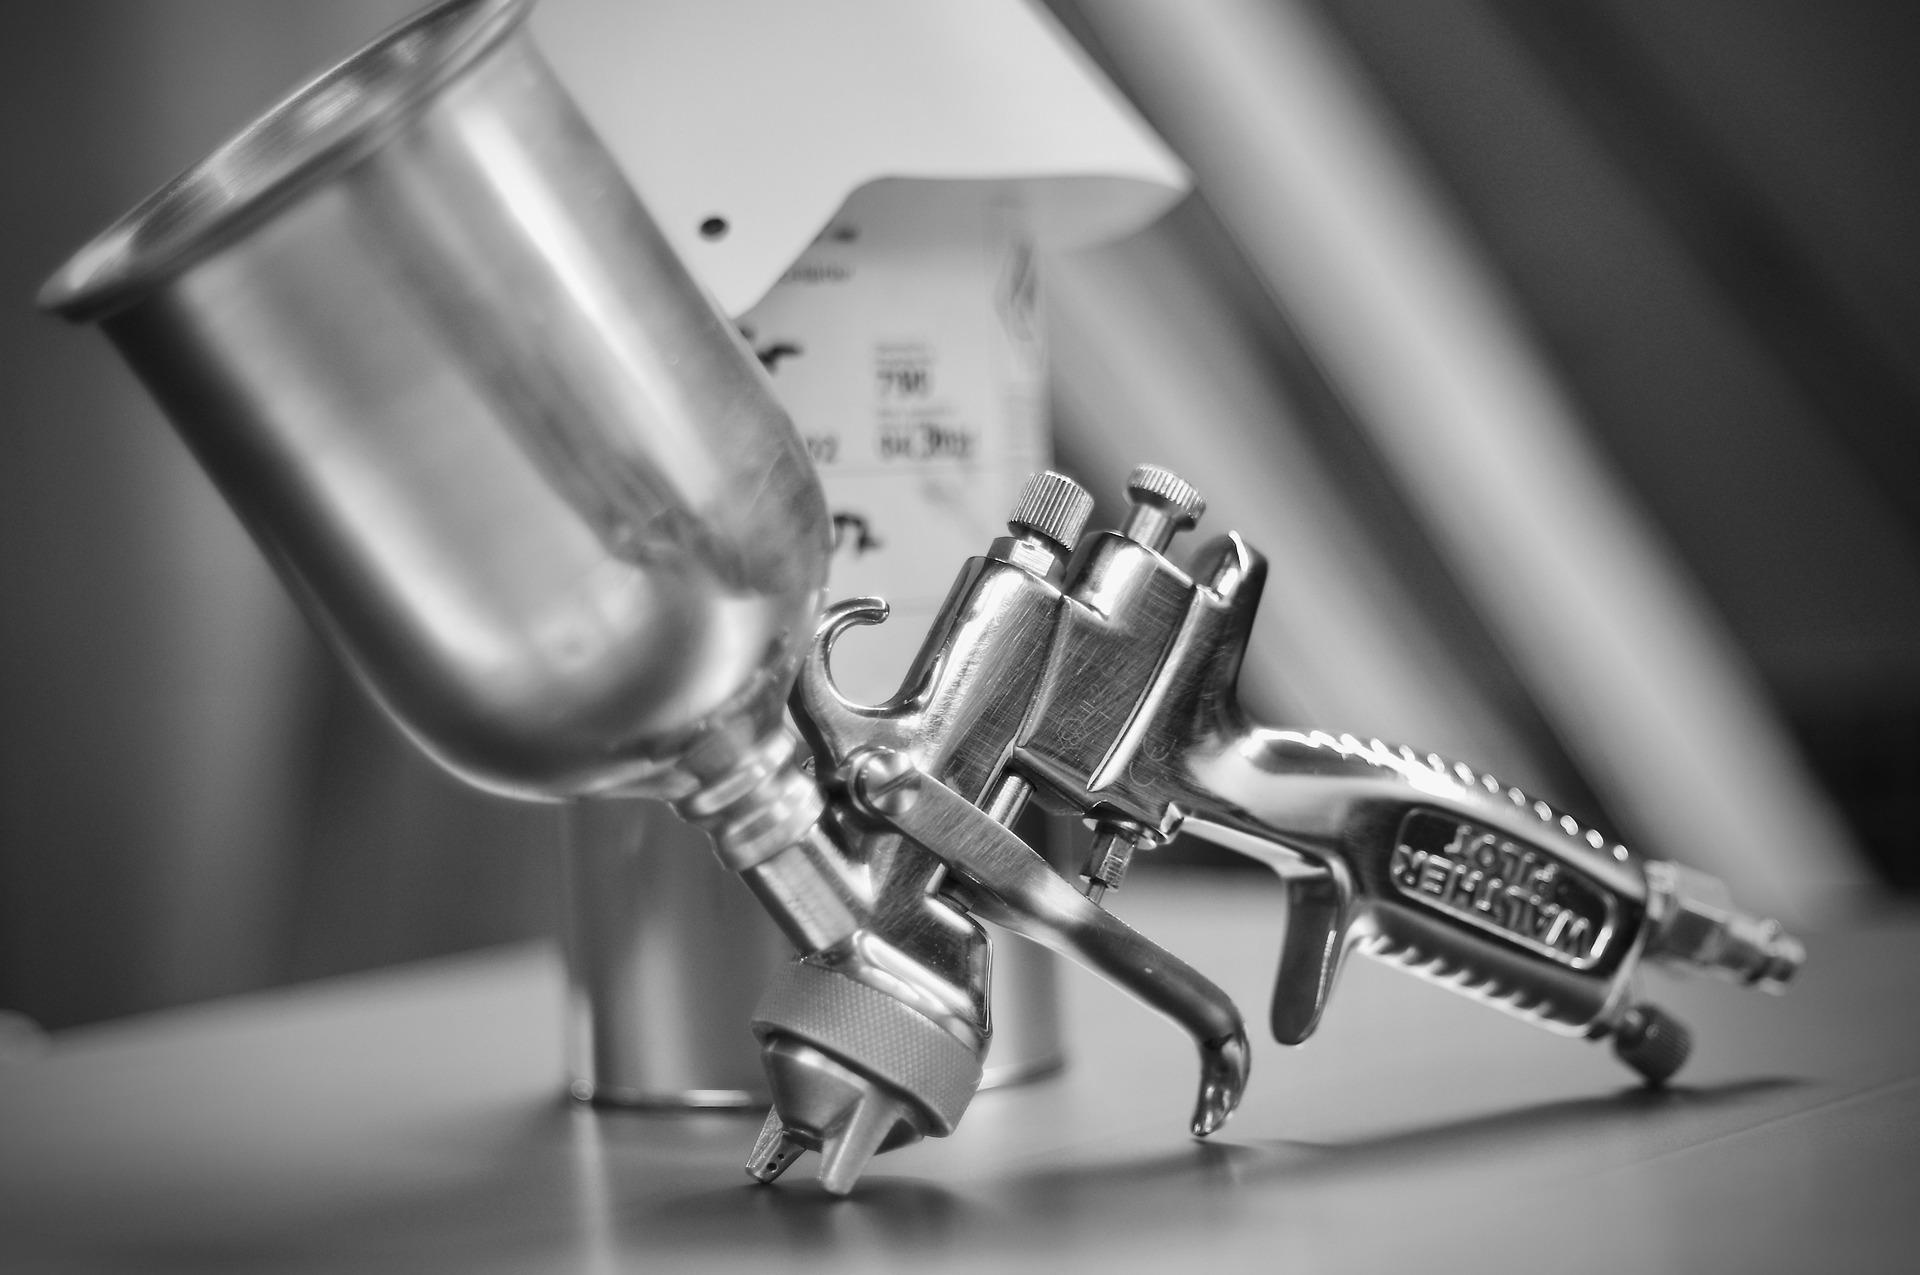 cup-spray-gun-5360677_1920